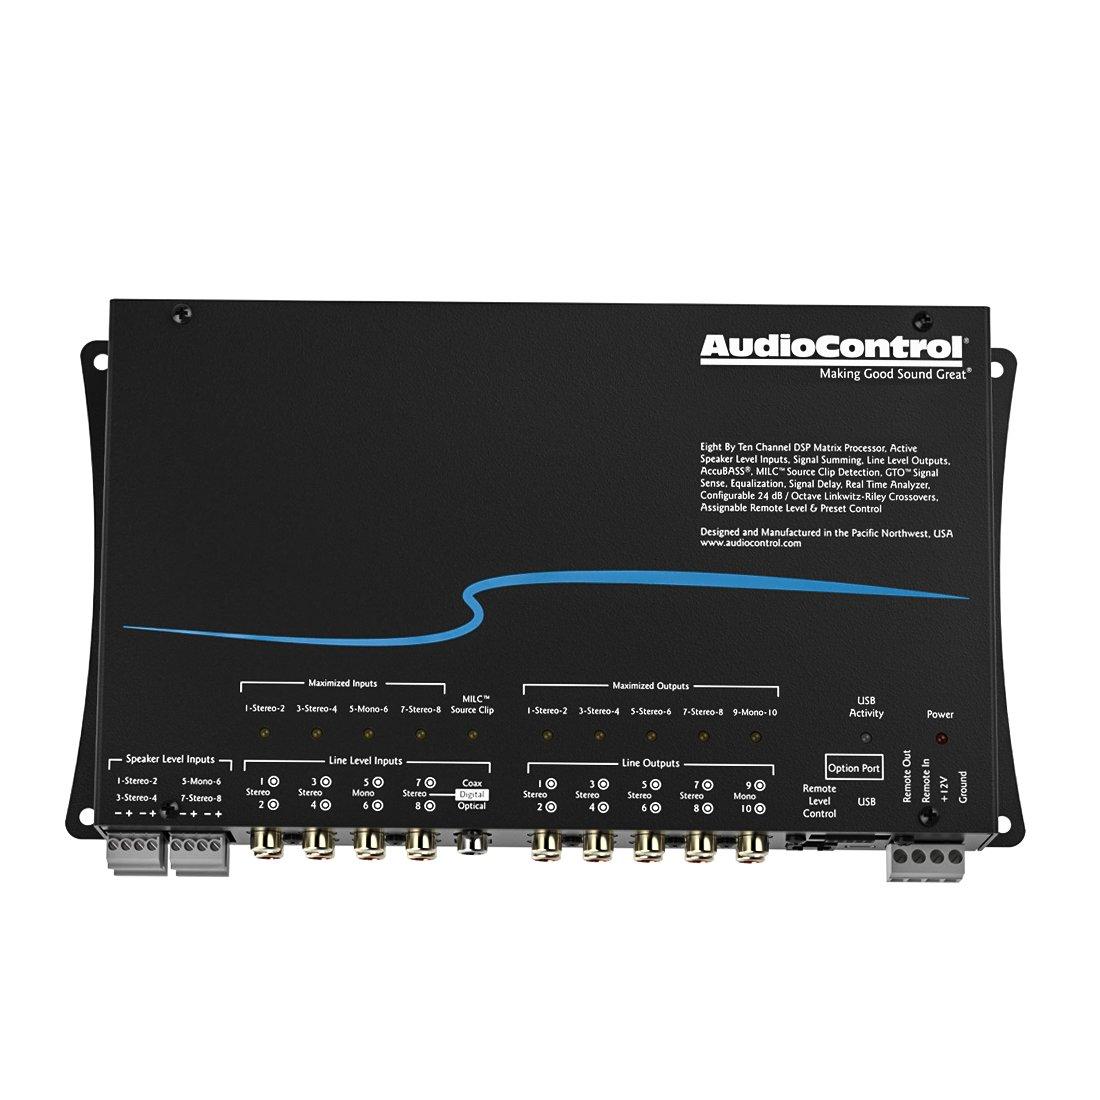 AudioControl 8 Input 10 Output DSP Matrix Digital Signal Processor